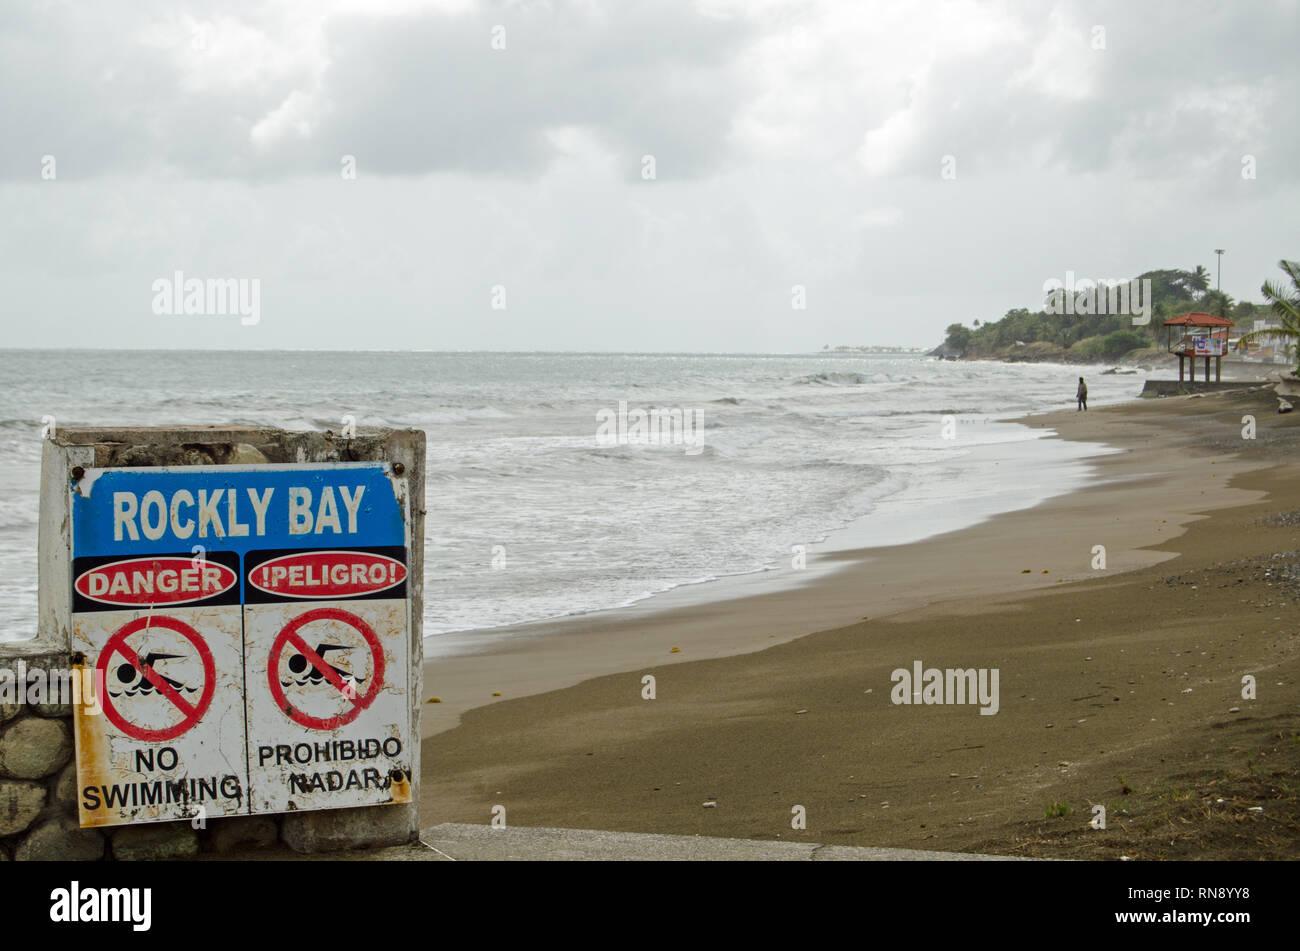 Las olas en la Bahía Rockly, Scarborough en una tarde nublada en la isla de Tobago, Trinidad y Tobago. Imagen De Stock